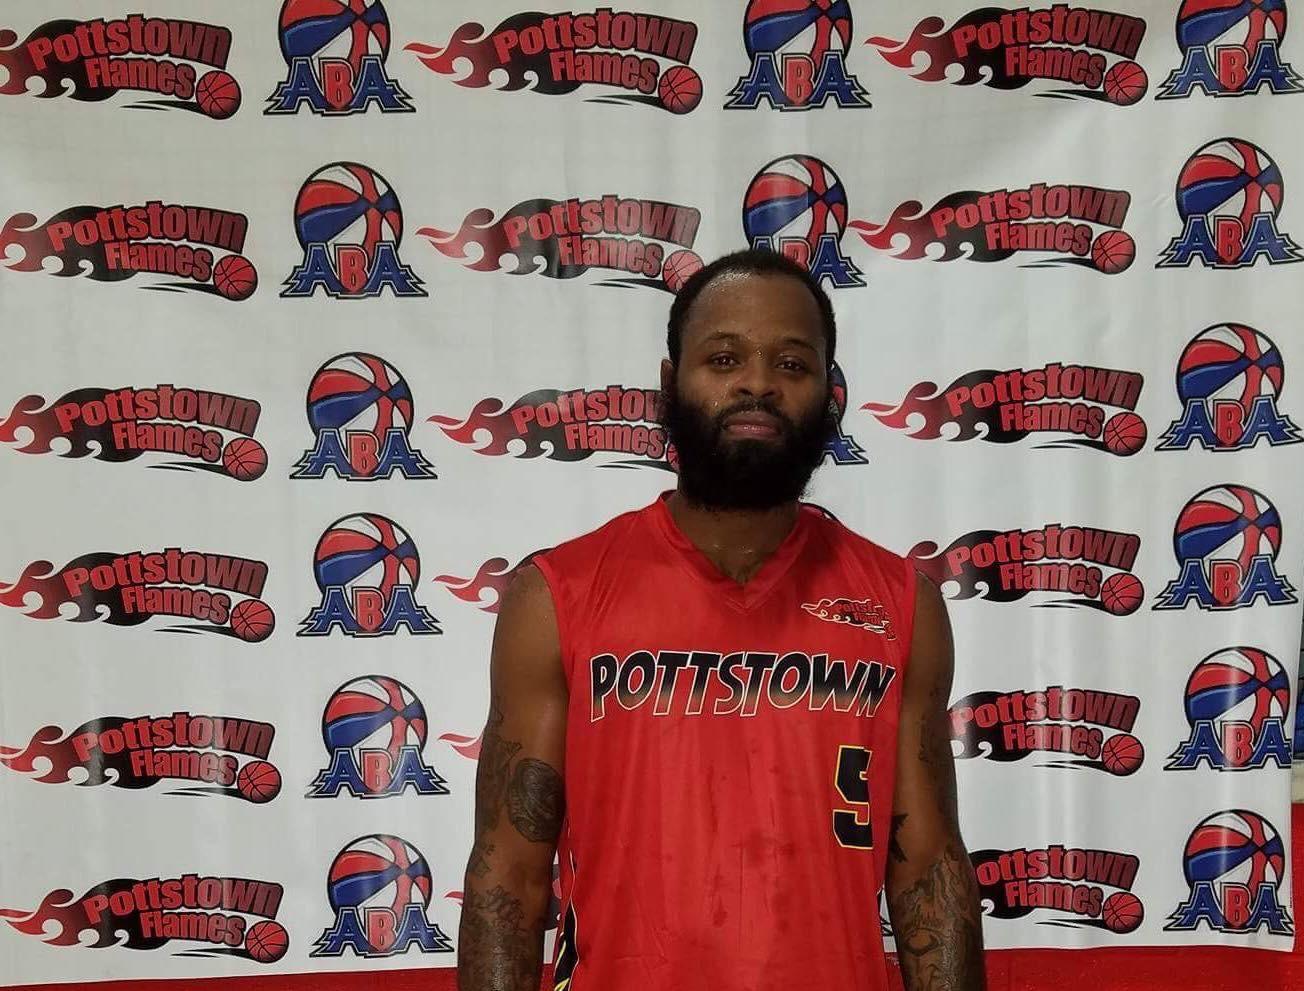 2017-18 Pottstown Flames